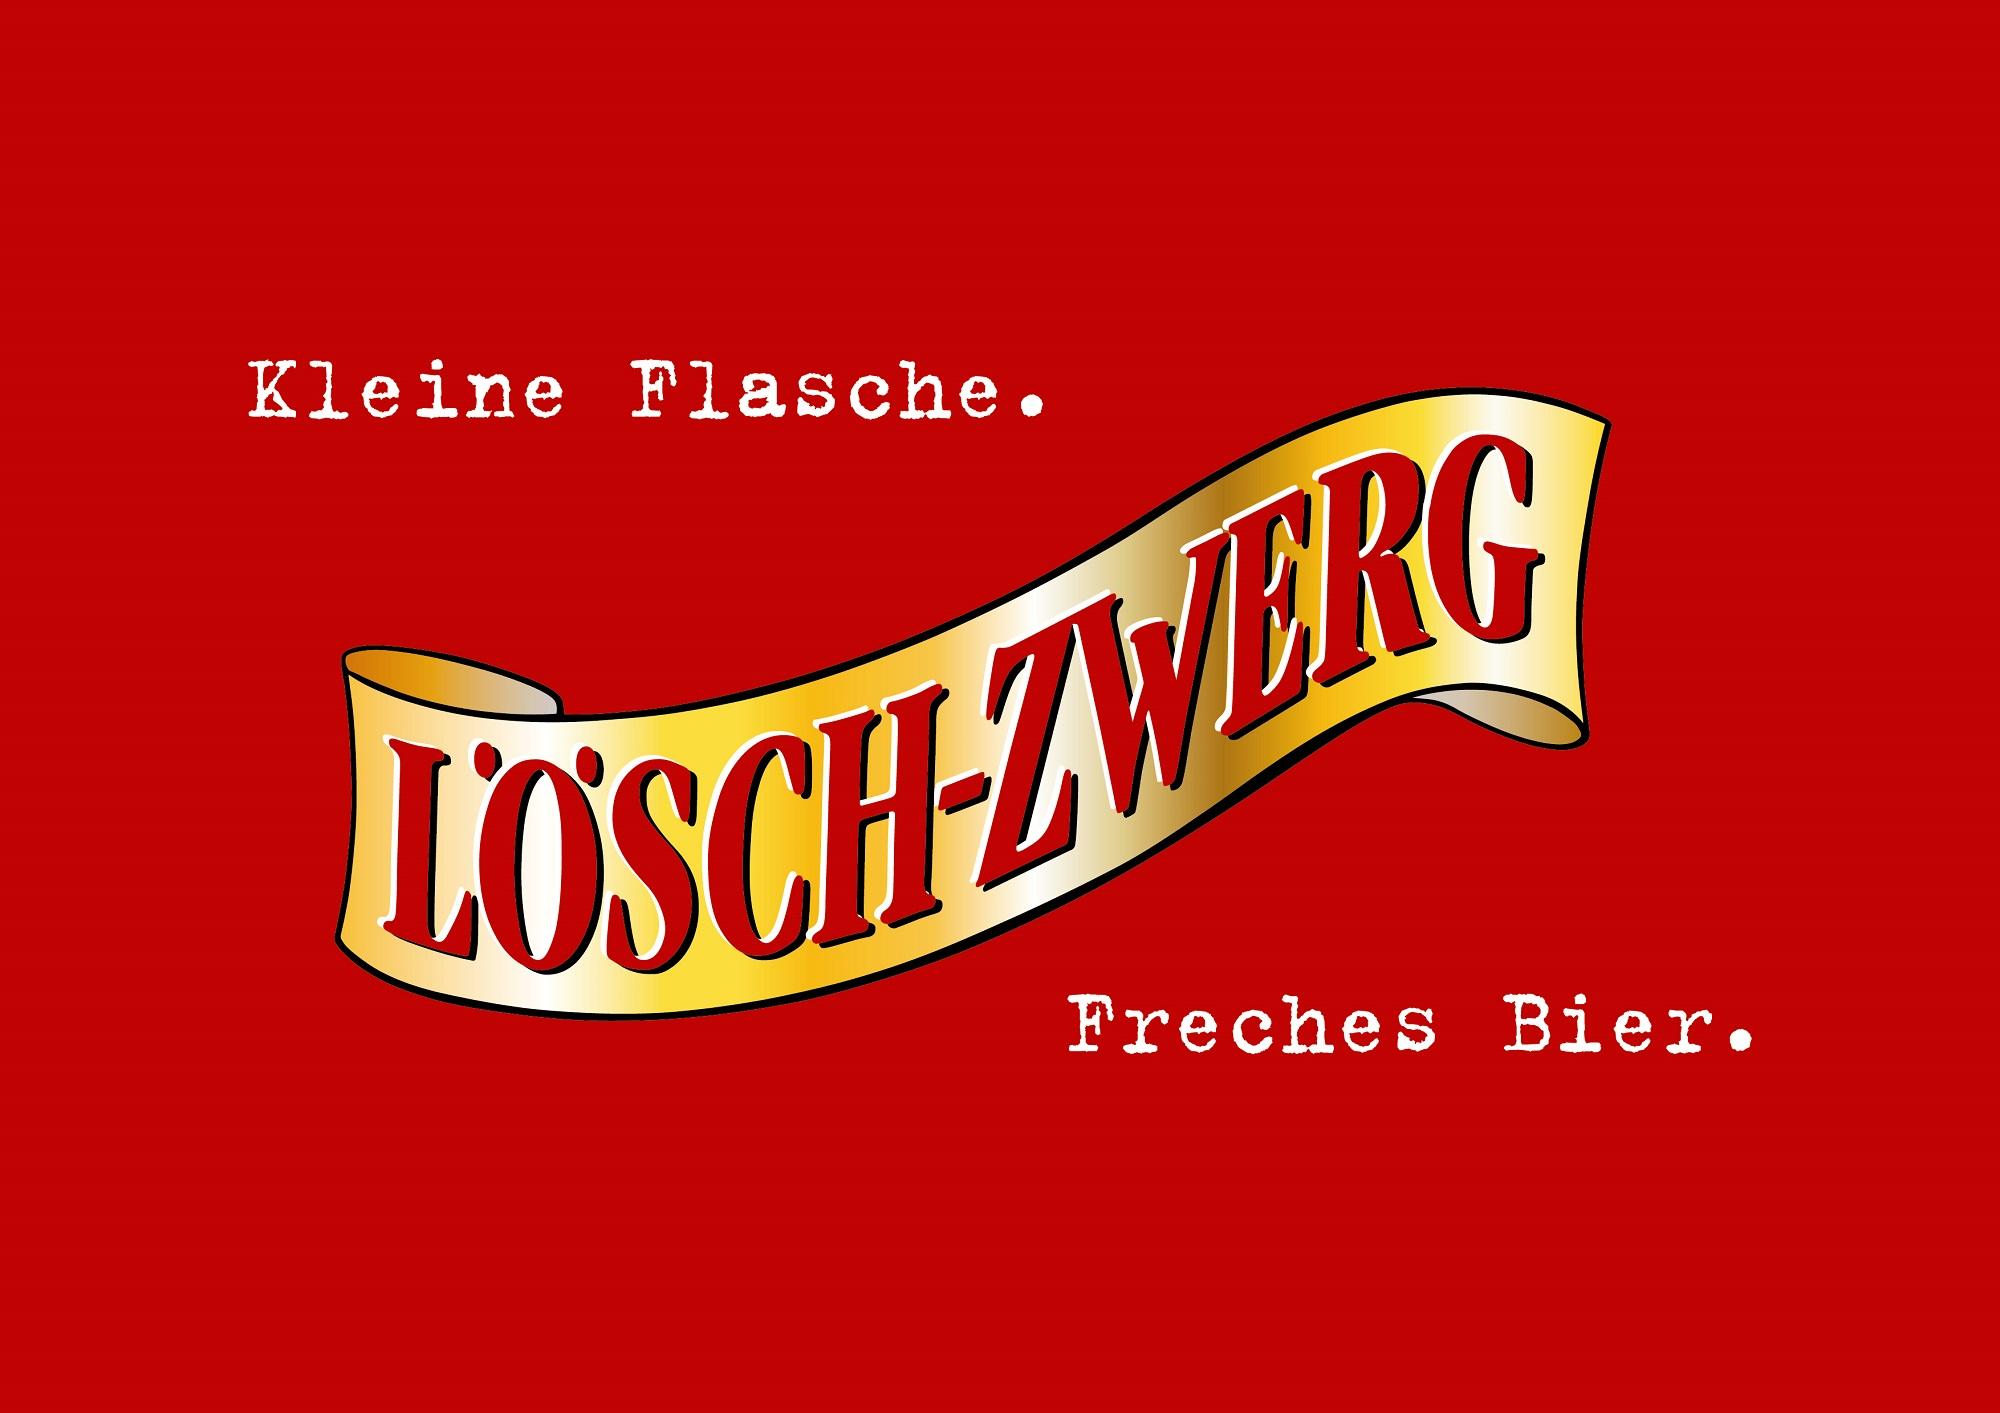 Lösch Zwerg Braumanufaktur